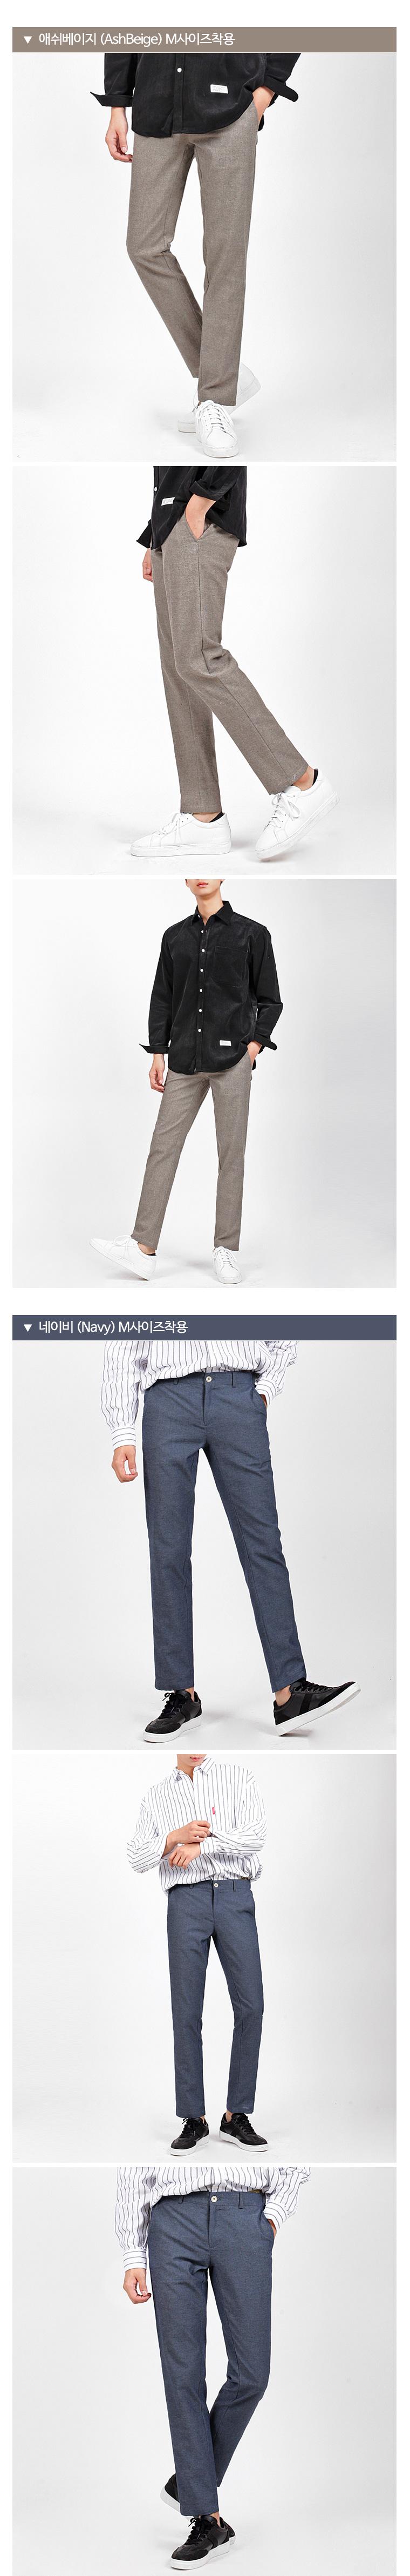 린넨라이크 사이드밴딩 팬츠 (JW518) - 탑보이, 24,800원, 하의, 면팬츠